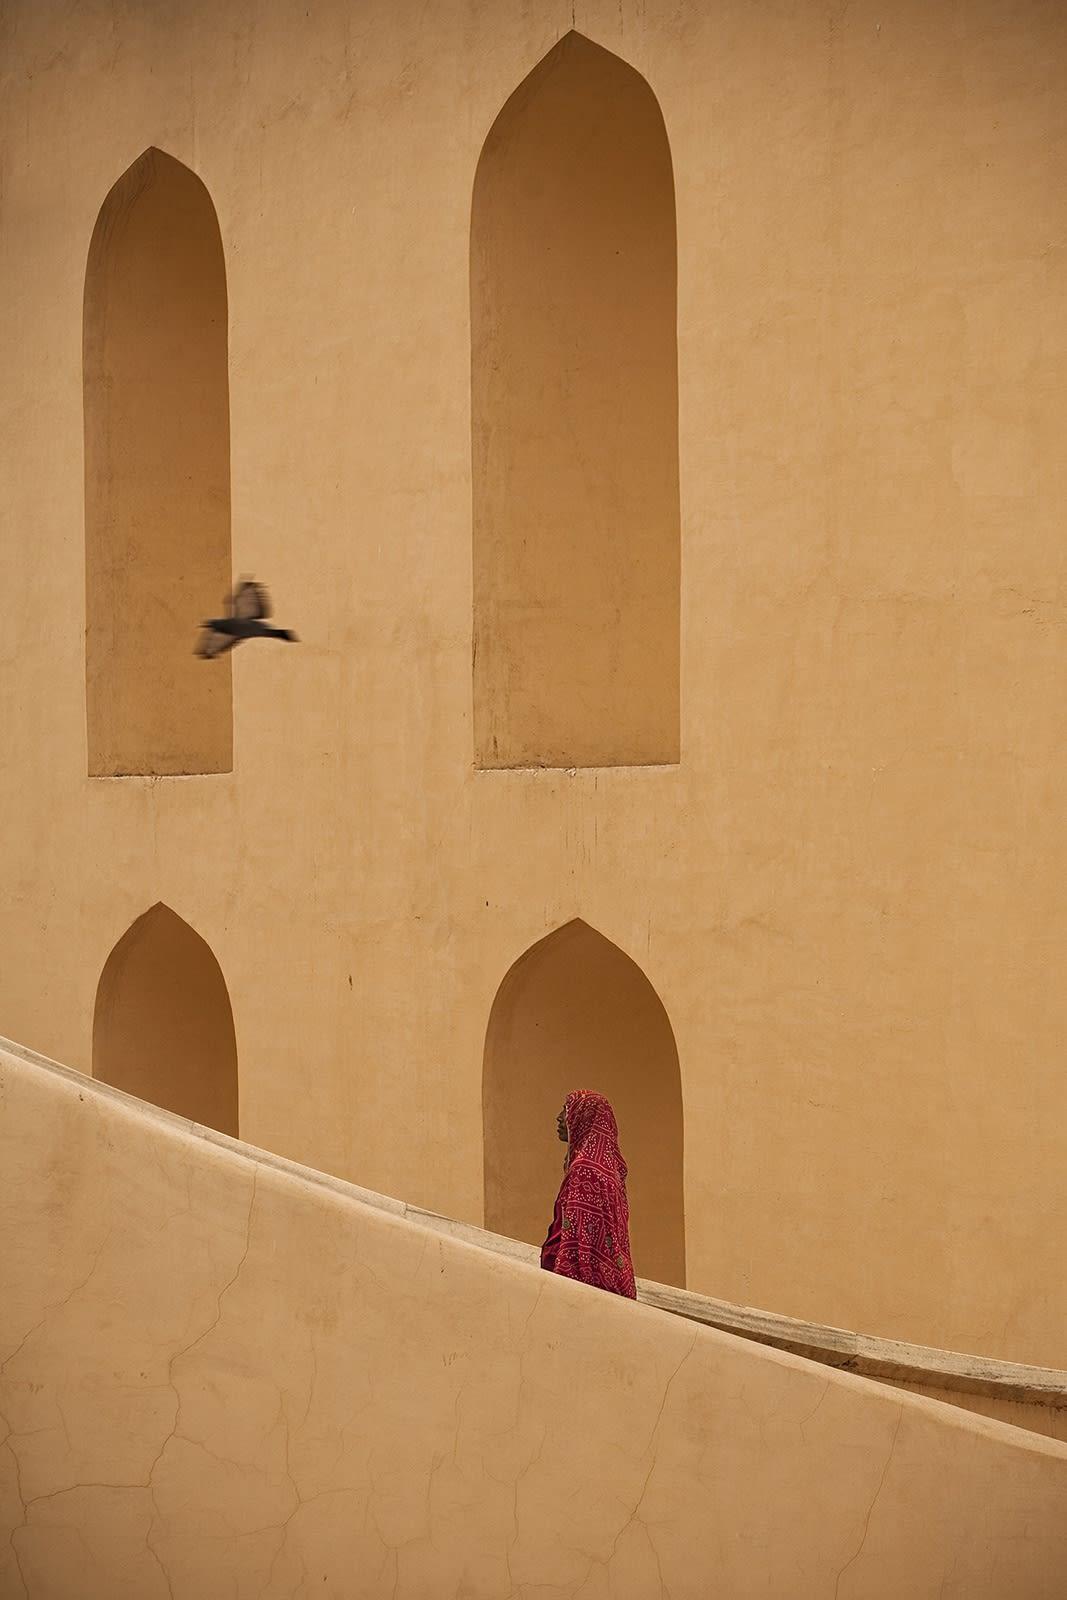 Matjaž Krivic, Jaipur, India, 2008 – 2012